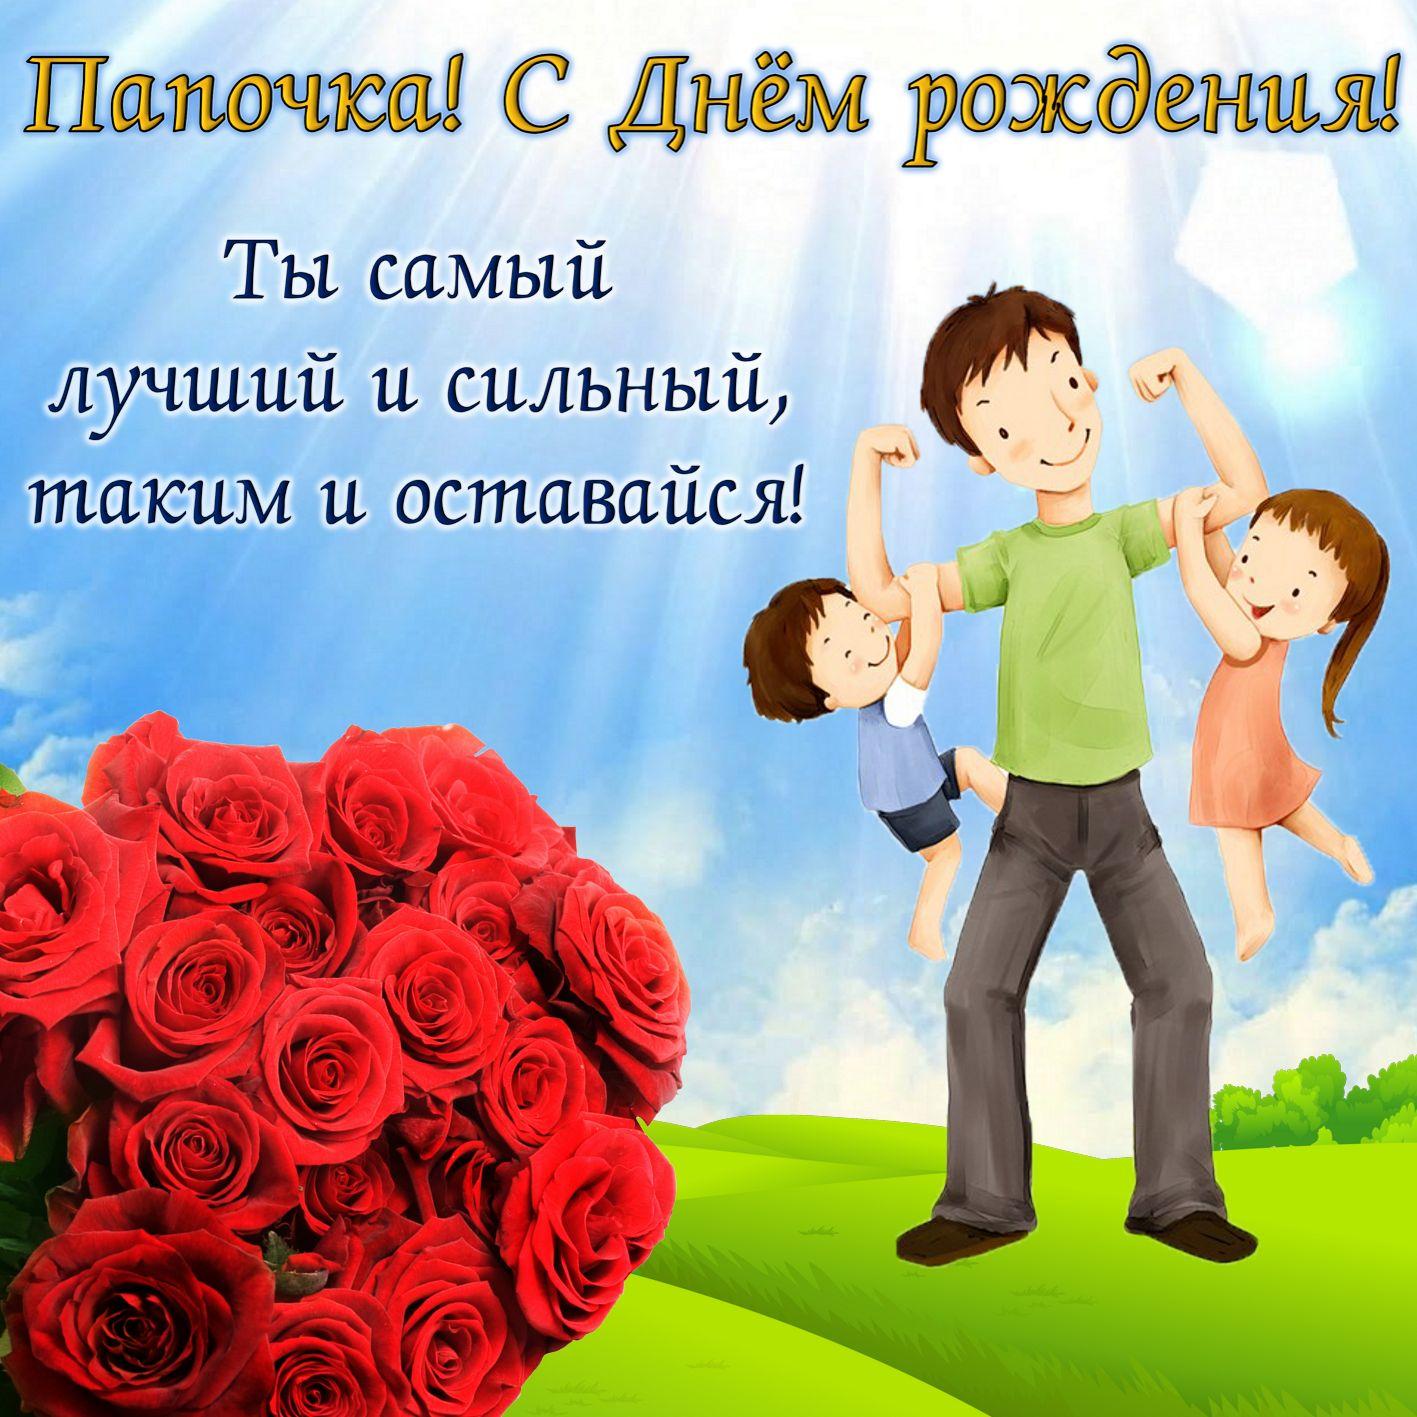 Картинка со счастливыми детьми на руках у папы